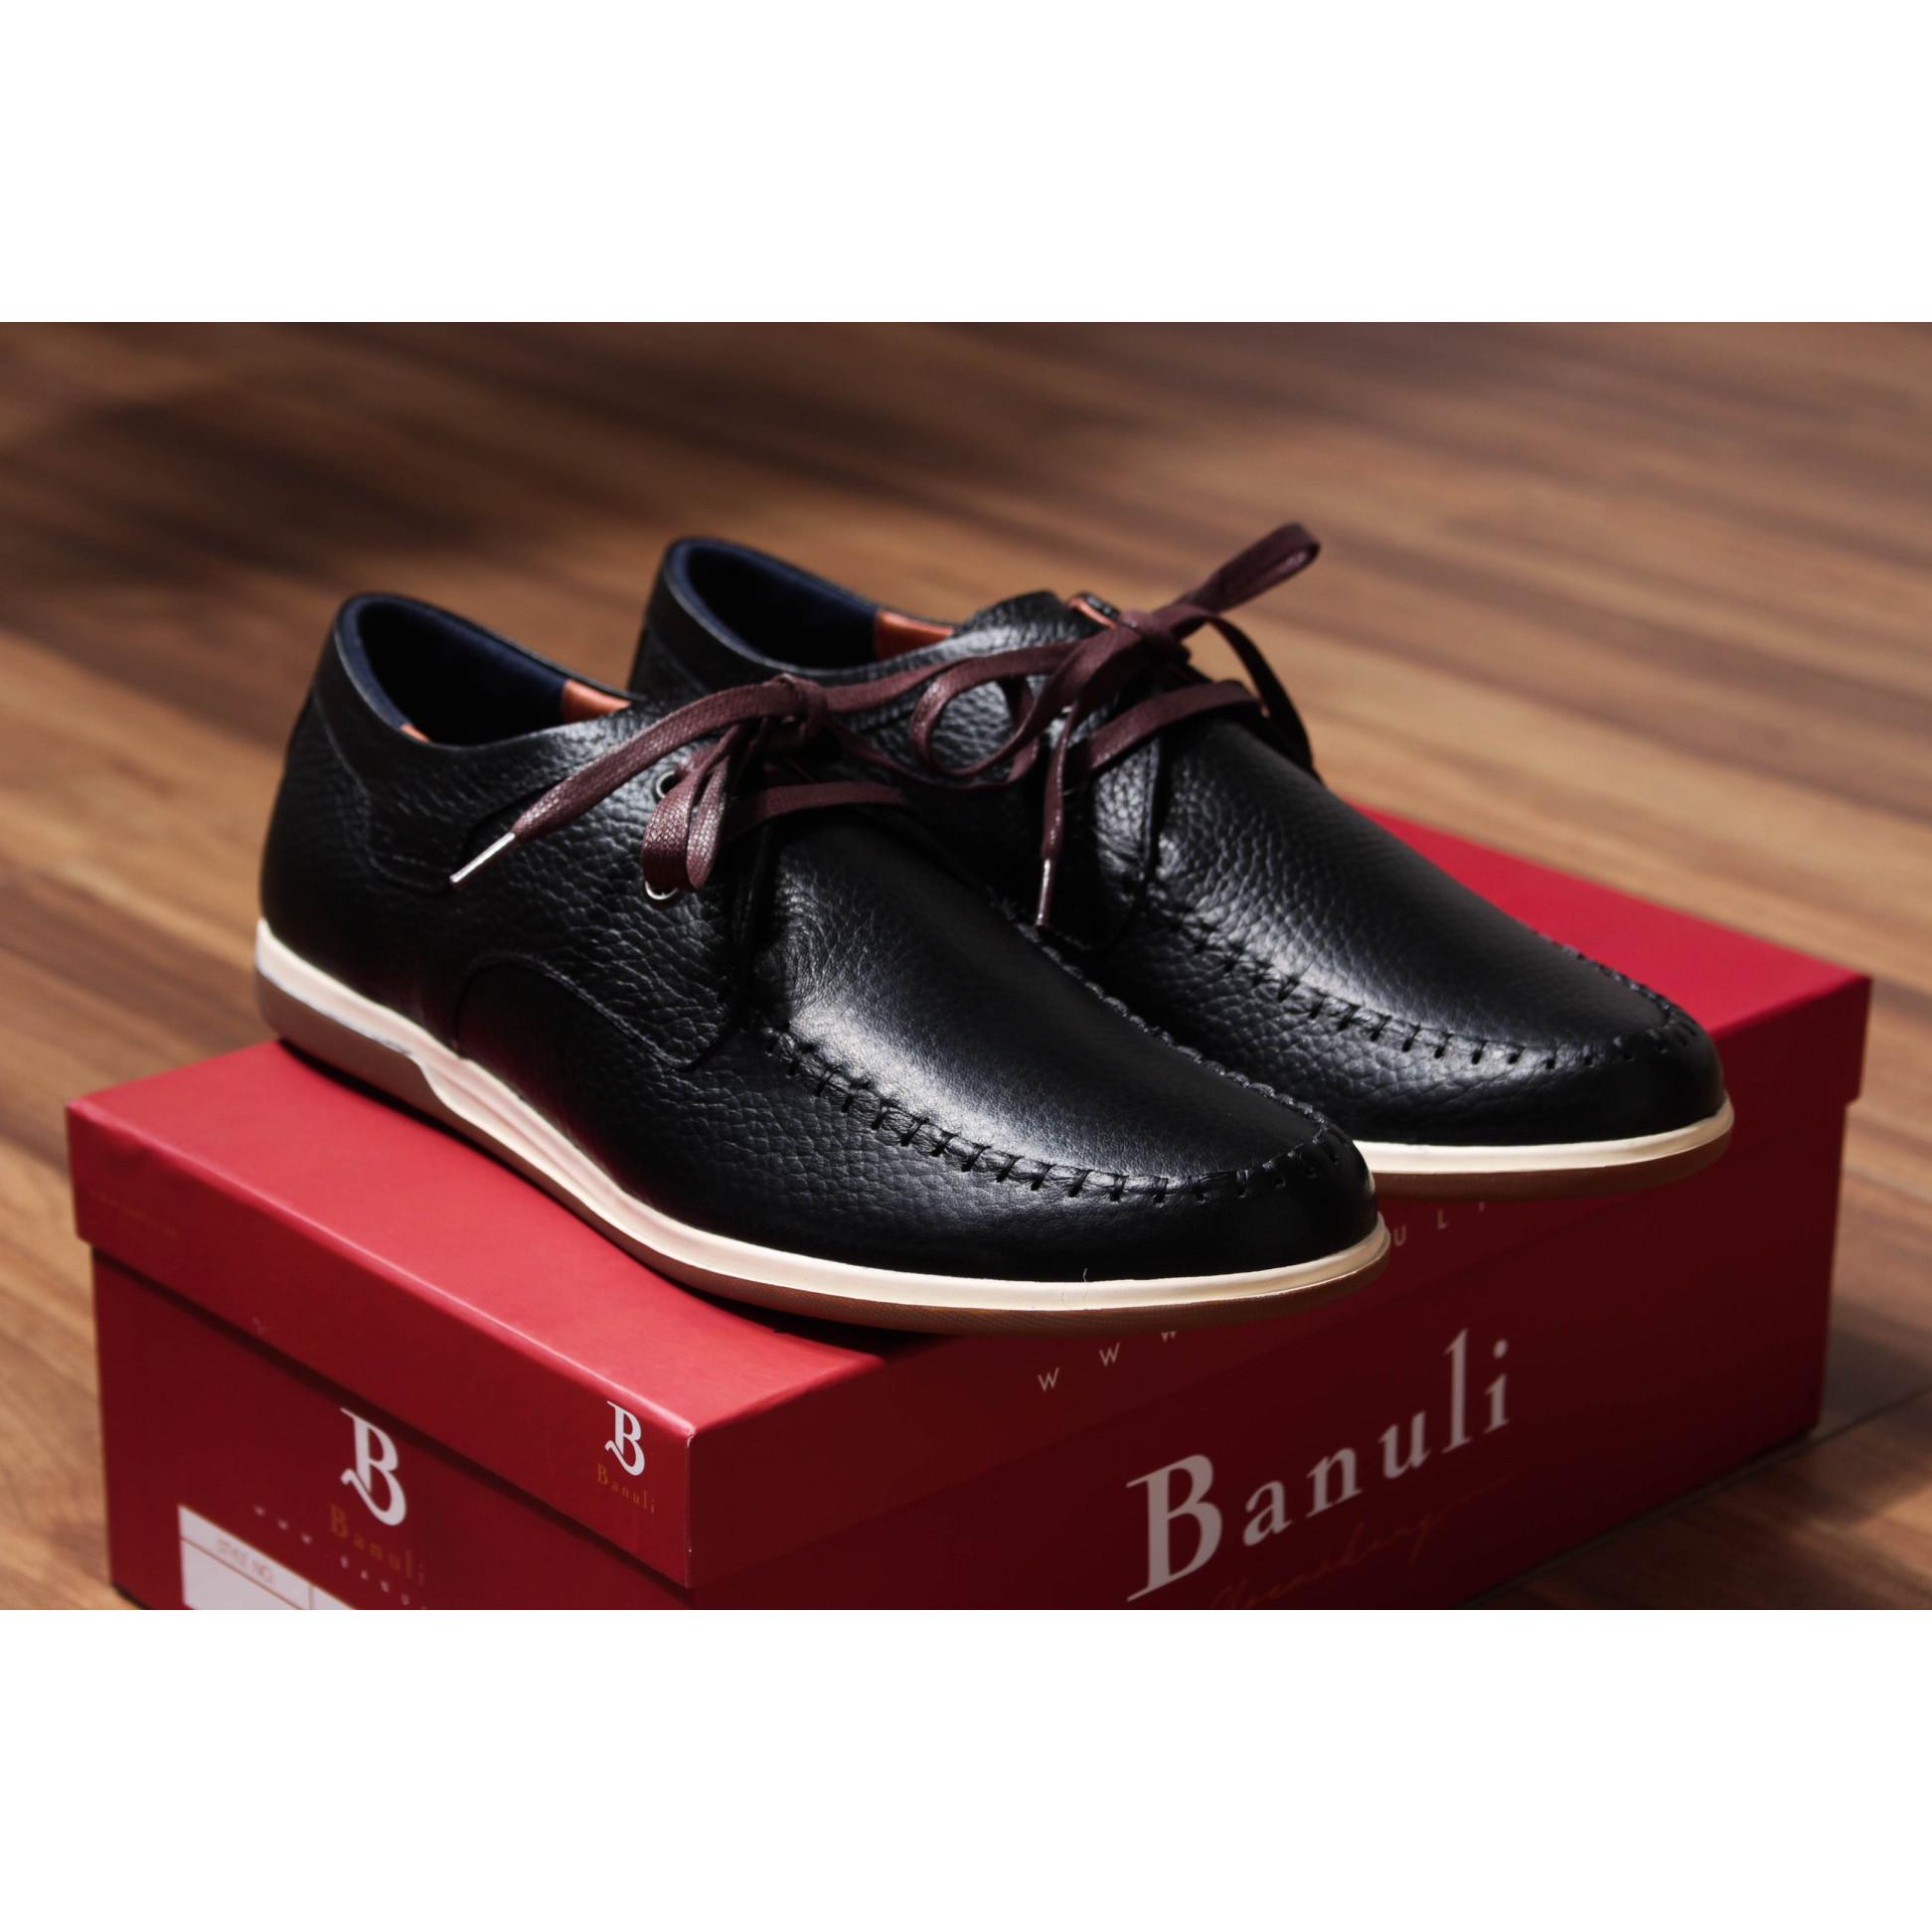 Giày nam cao cấp, phong cách giày sneaker thể thao D1SN1T0 da bò Banglades, chính hãng Banuli